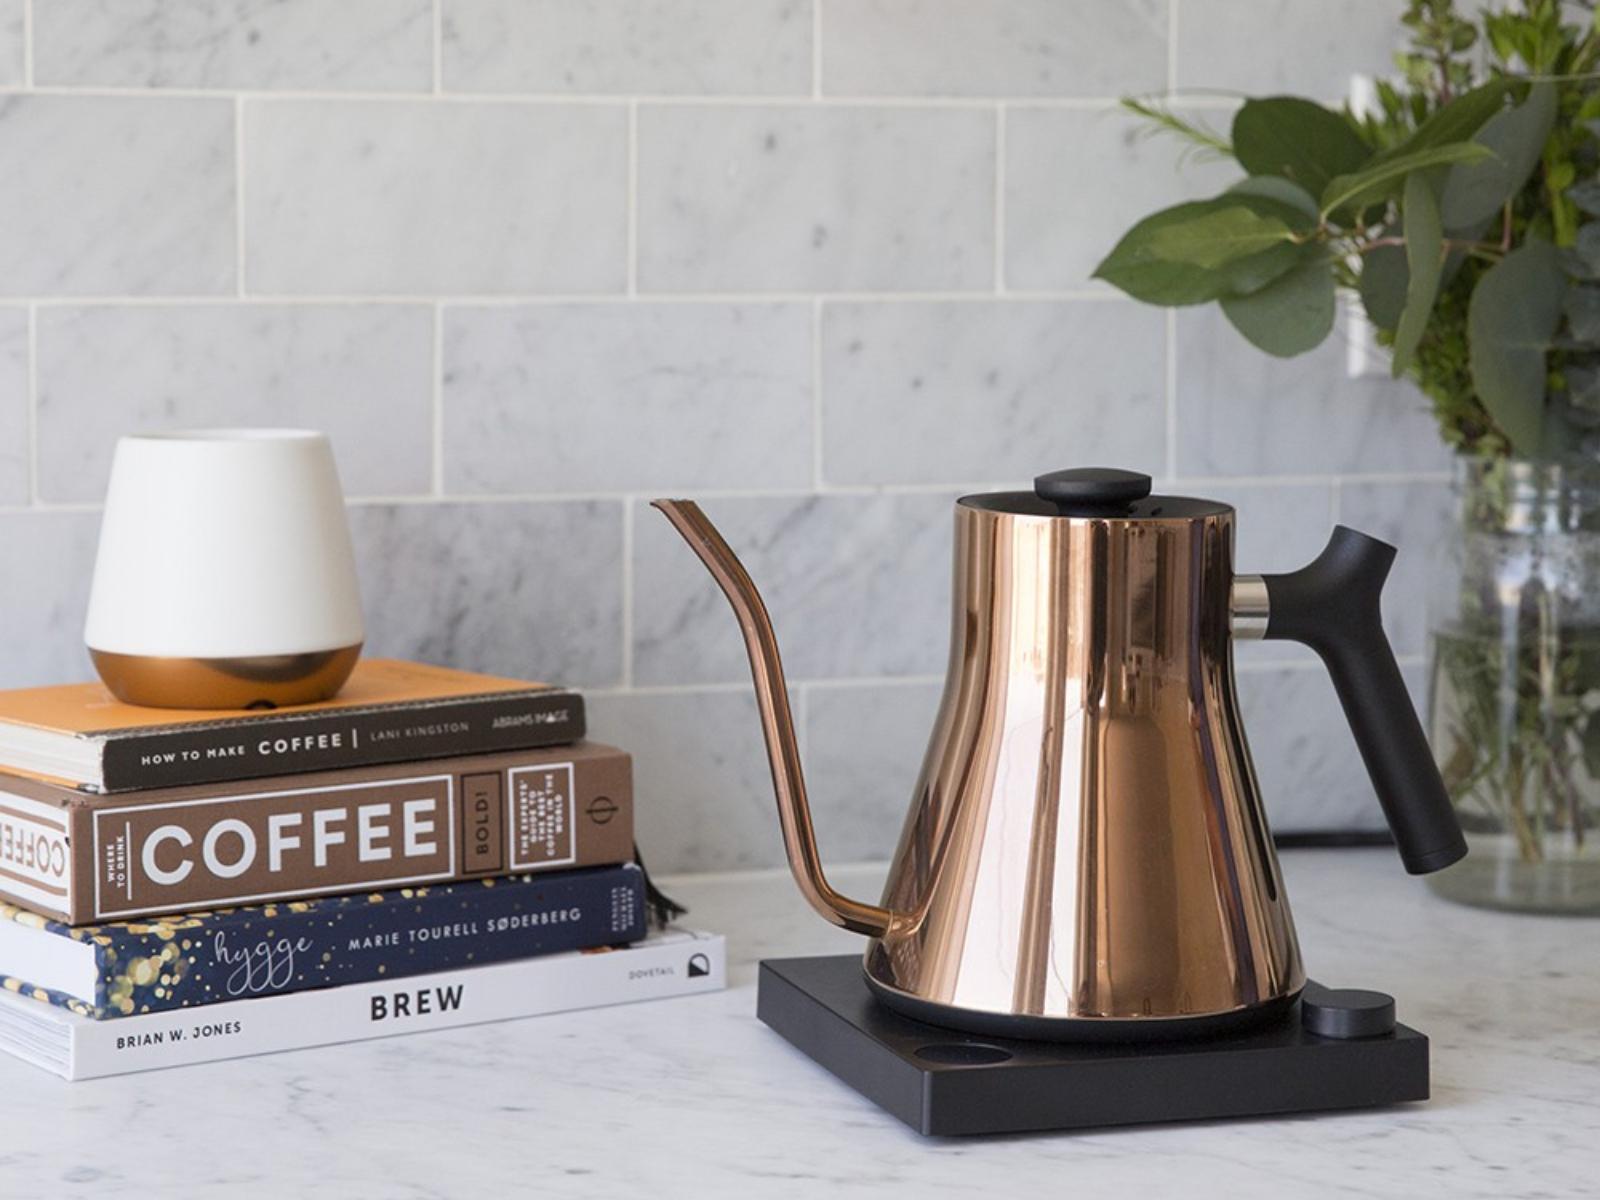 手沖咖啡新手初級班開課!手沖咖啡必備器具、零失誤步驟教學一次告訴你!